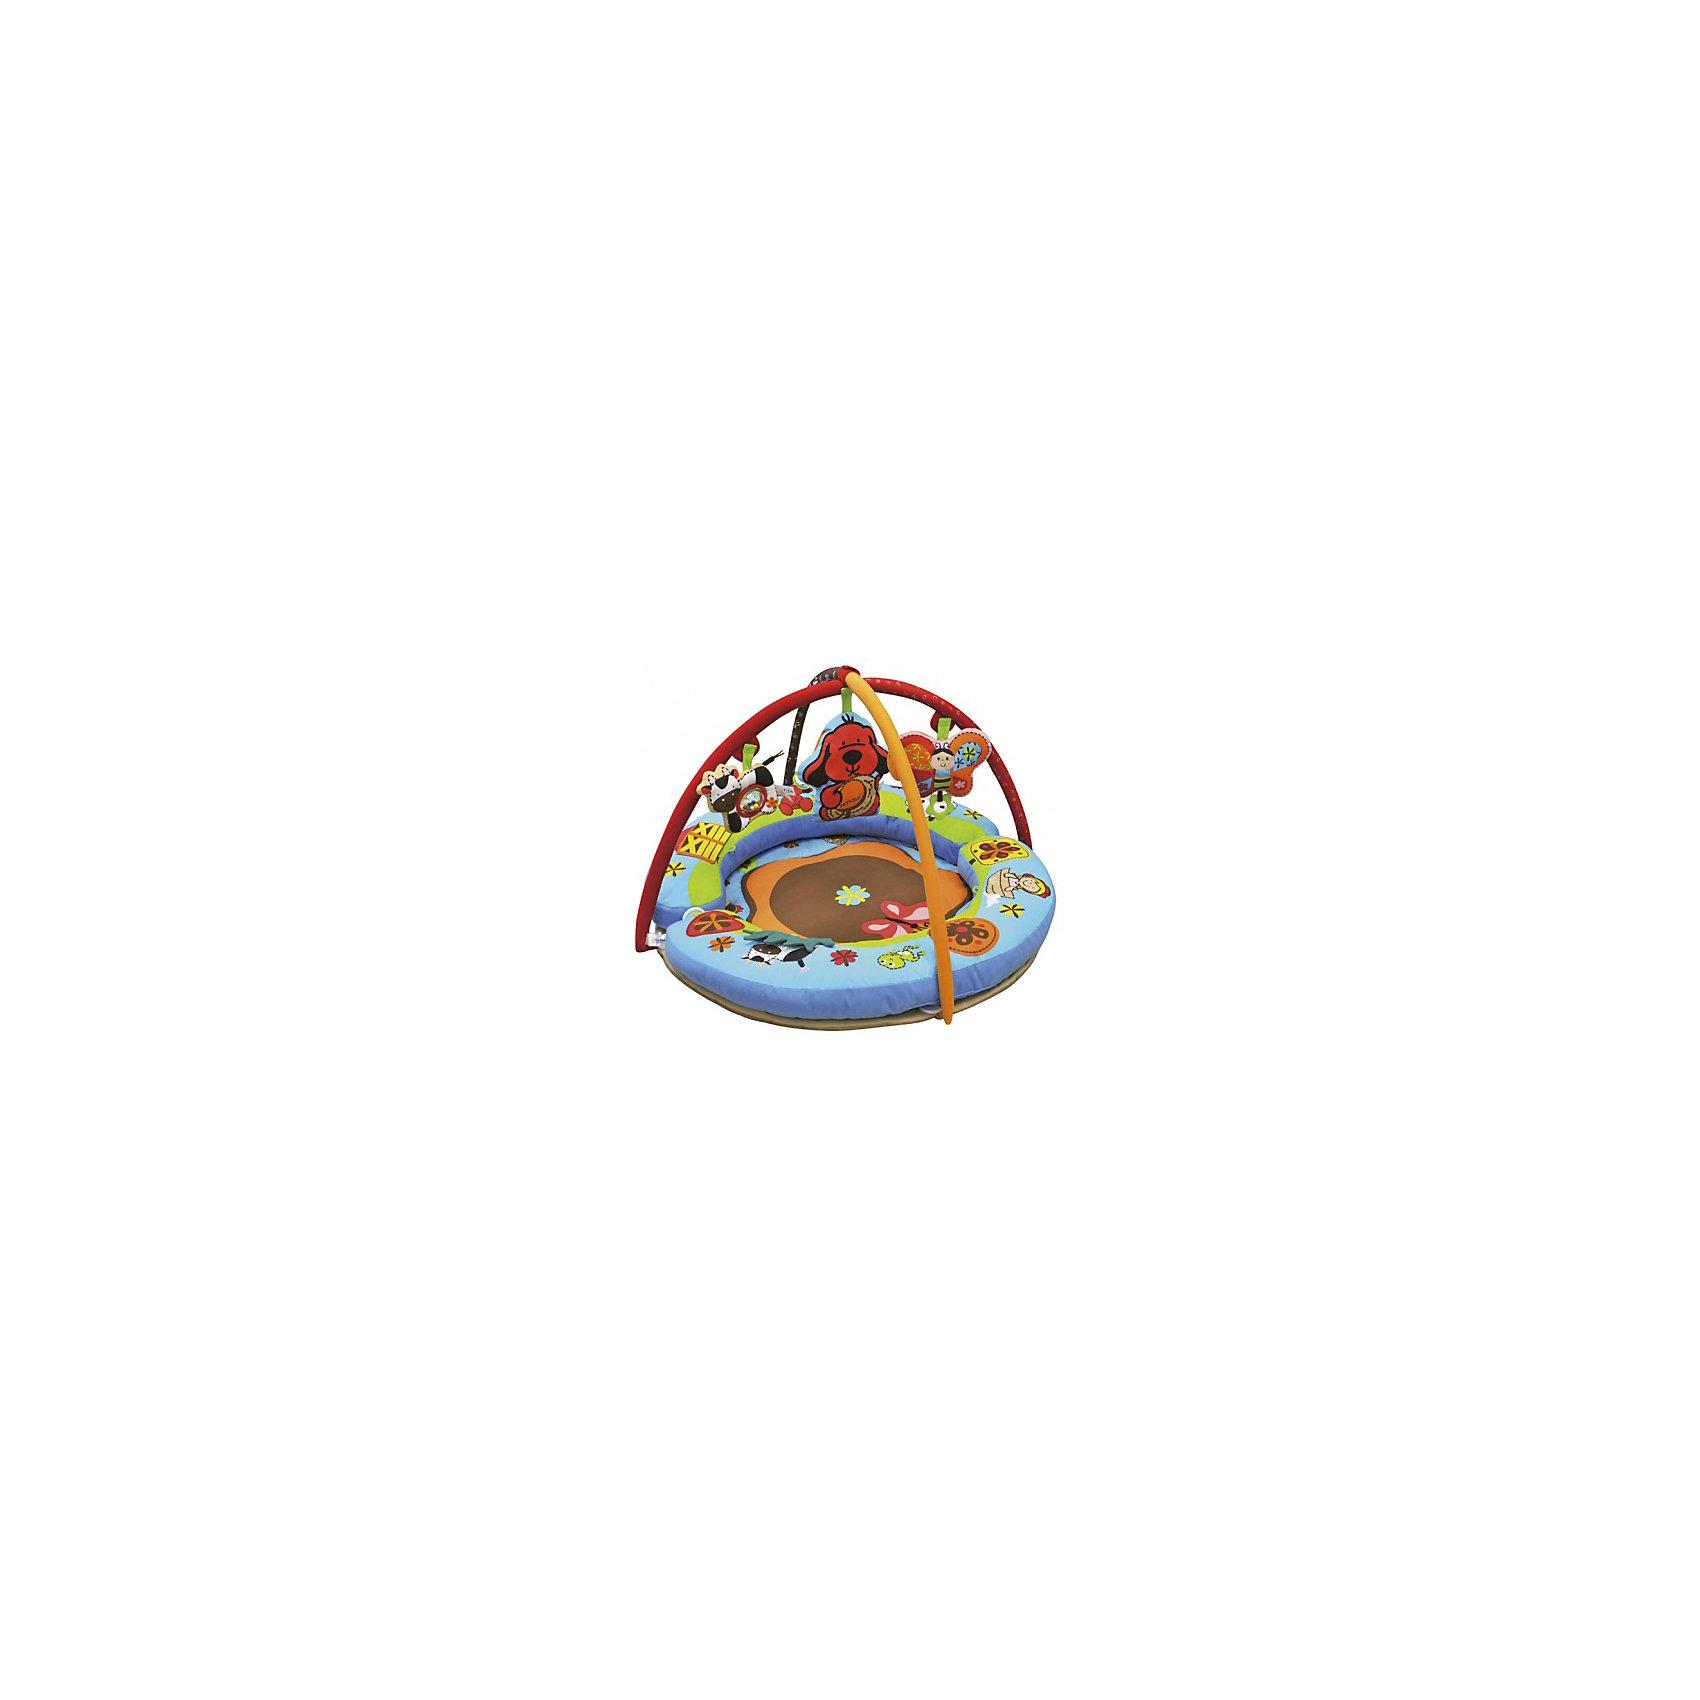 Развивающий коврик Полянка чудес, Ks KidsРазвивающие коврики<br>Развивающий коврик Полянка чудес, Ks Kids (Кс Кидс) предназначен для организации игрового пространства для самых маленьких. Особенность этого коврика, среди подобных, заключается в его конструкции: в комплект входят две подушки дугообразной формы, которые в собранном виде образуют круг, благодаря этим бортикам, коврик становится безопасным даже для тех малышей, которые уже научились переворачиваться. Яркие съемные игрушки, которые подвешиваются на дуги, позволят совершенствовать малышу хватательные рефлексы и развивать зрение. Яркие крупные рисунки создают веселое настроение. У коврика есть несколько секретов: открывающиеся и отгибающиеся текстильные элементы, под которыми прячутся различные обитатели веселой полянки.<br>Развивающий коврик Полянка чудес, Ks Kids (Кс Кидс) растет вместе с вашим малышом. Когда ребенок начнет учиться сидеть, валики-подушки можно трансформировать в удобное сиденье. Каждая из трех подвесных игрушек имеет свой звуковой эффект и может использоваться в качестве самостоятельной игрушки-погремушки.<br><br><br>Дополнительная информация:<br><br>- Вид игр: развивающие<br>- Предназначение: для дома<br>- Материал: текстиль, пластик<br>- Размер: диаметр 90 см<br>- Вес: 3 кг 175 г<br>- Комплектация: две дуги, три подвесные игрушки: бабочка, щенок Патрик, коровка<br>- Особенности ухода: разрешается деликатная стирка <br><br>Подробнее:<br><br>• Для детей в возрасте: от 0 месяцев до 1 года<br>• Страна производитель: Китай<br>• Торговый бренд: Ks Kids<br><br>Развивающий коврик Полянка чудес, Ks Kids (Кс Кидс) можно купить в нашем интернет-магазине.<br><br>Ширина мм: 750<br>Глубина мм: 590<br>Высота мм: 220<br>Вес г: 3175<br>Возраст от месяцев: 0<br>Возраст до месяцев: 12<br>Пол: Унисекс<br>Возраст: Детский<br>SKU: 4790452